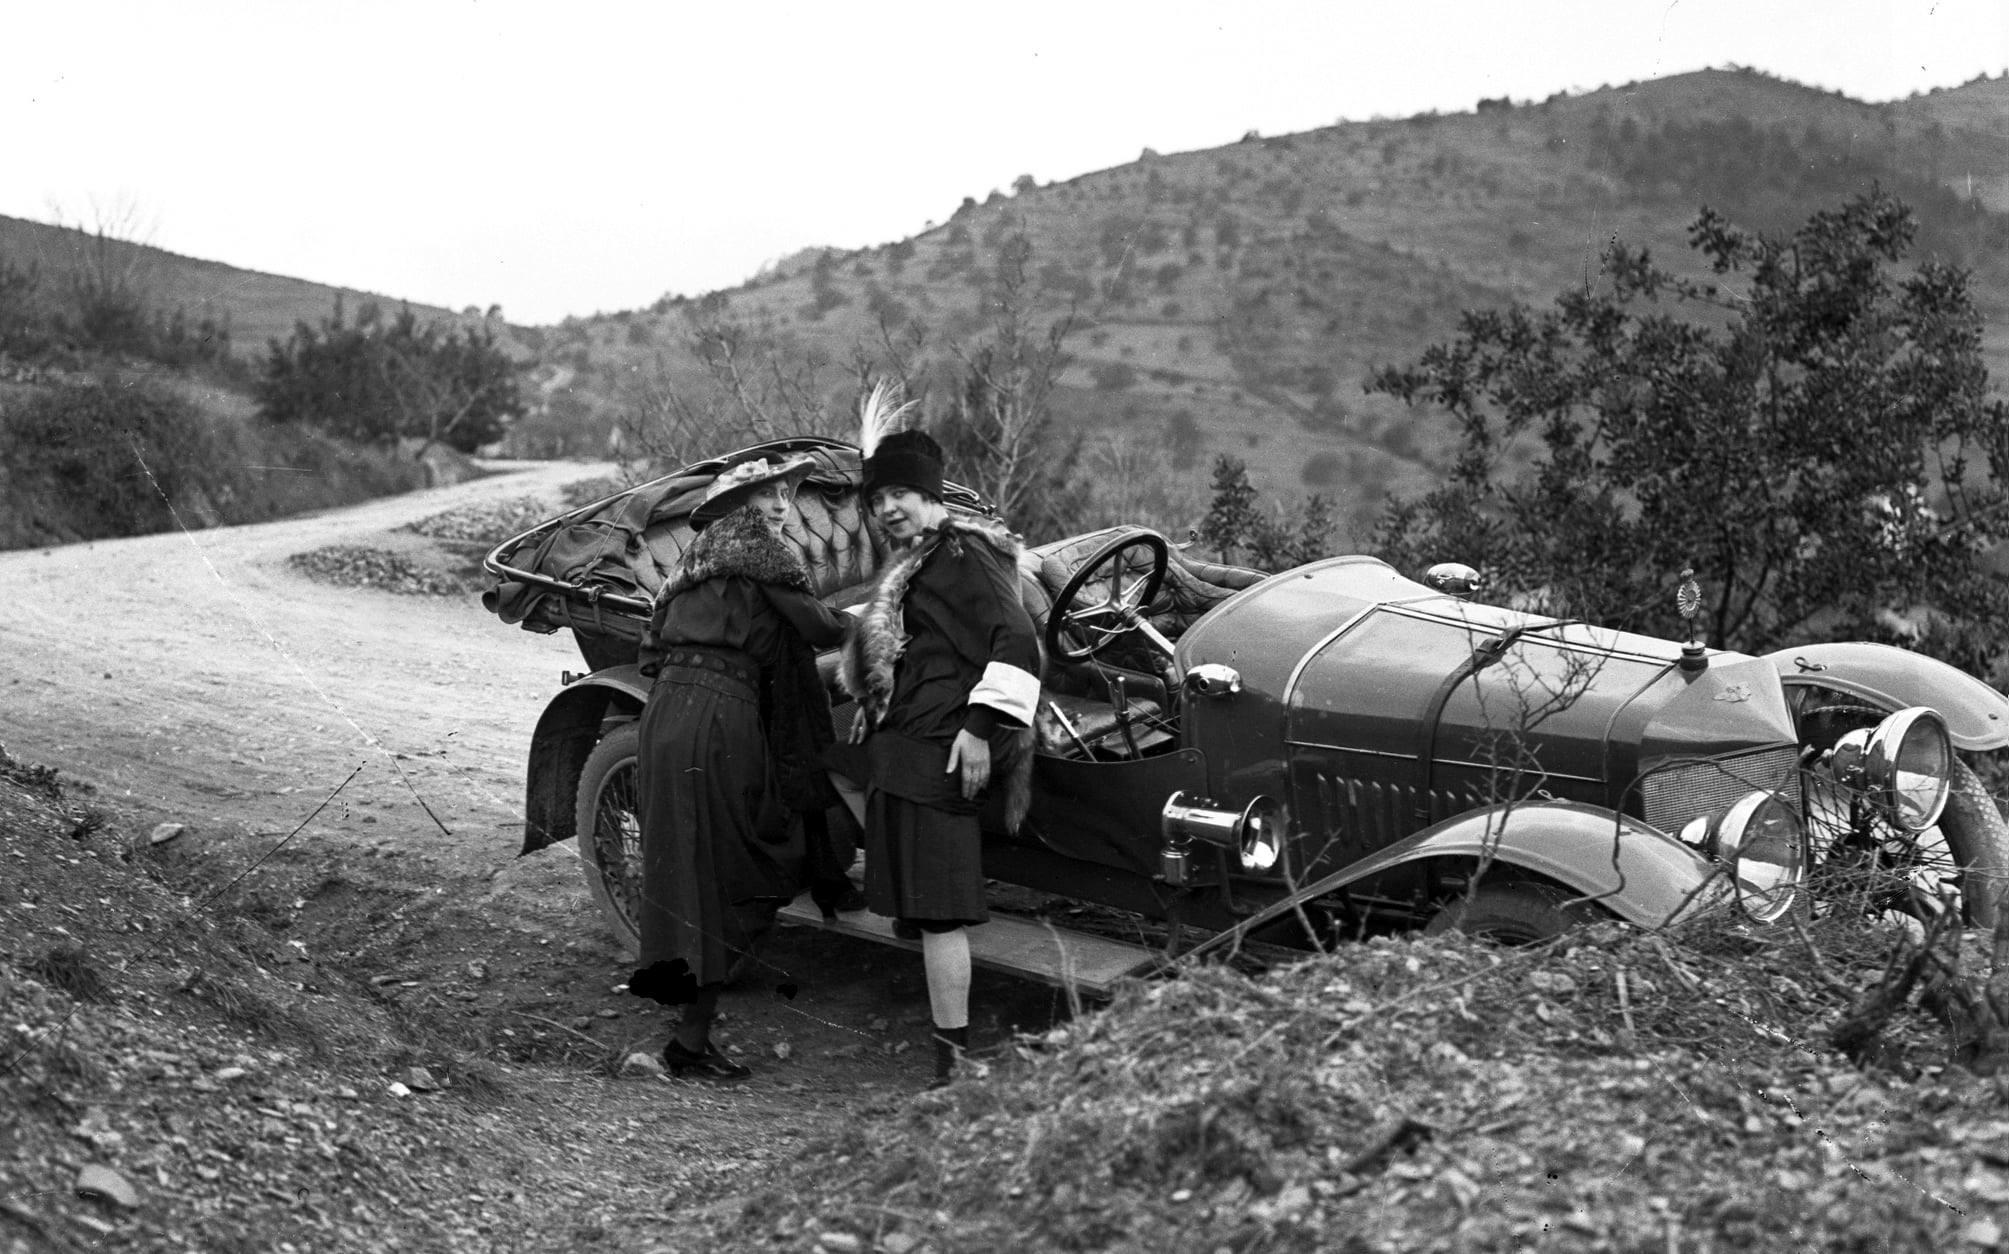 Hispano-Suiza-----Alphonso-XIII-was-eigendom-van-een-Dr-Carulla-in-Barcelona-en-ze-waren-duidelijk-zeer-toegewijd-aan-fotografie-naast-hun-sportieve-motorcar---1912-(1)